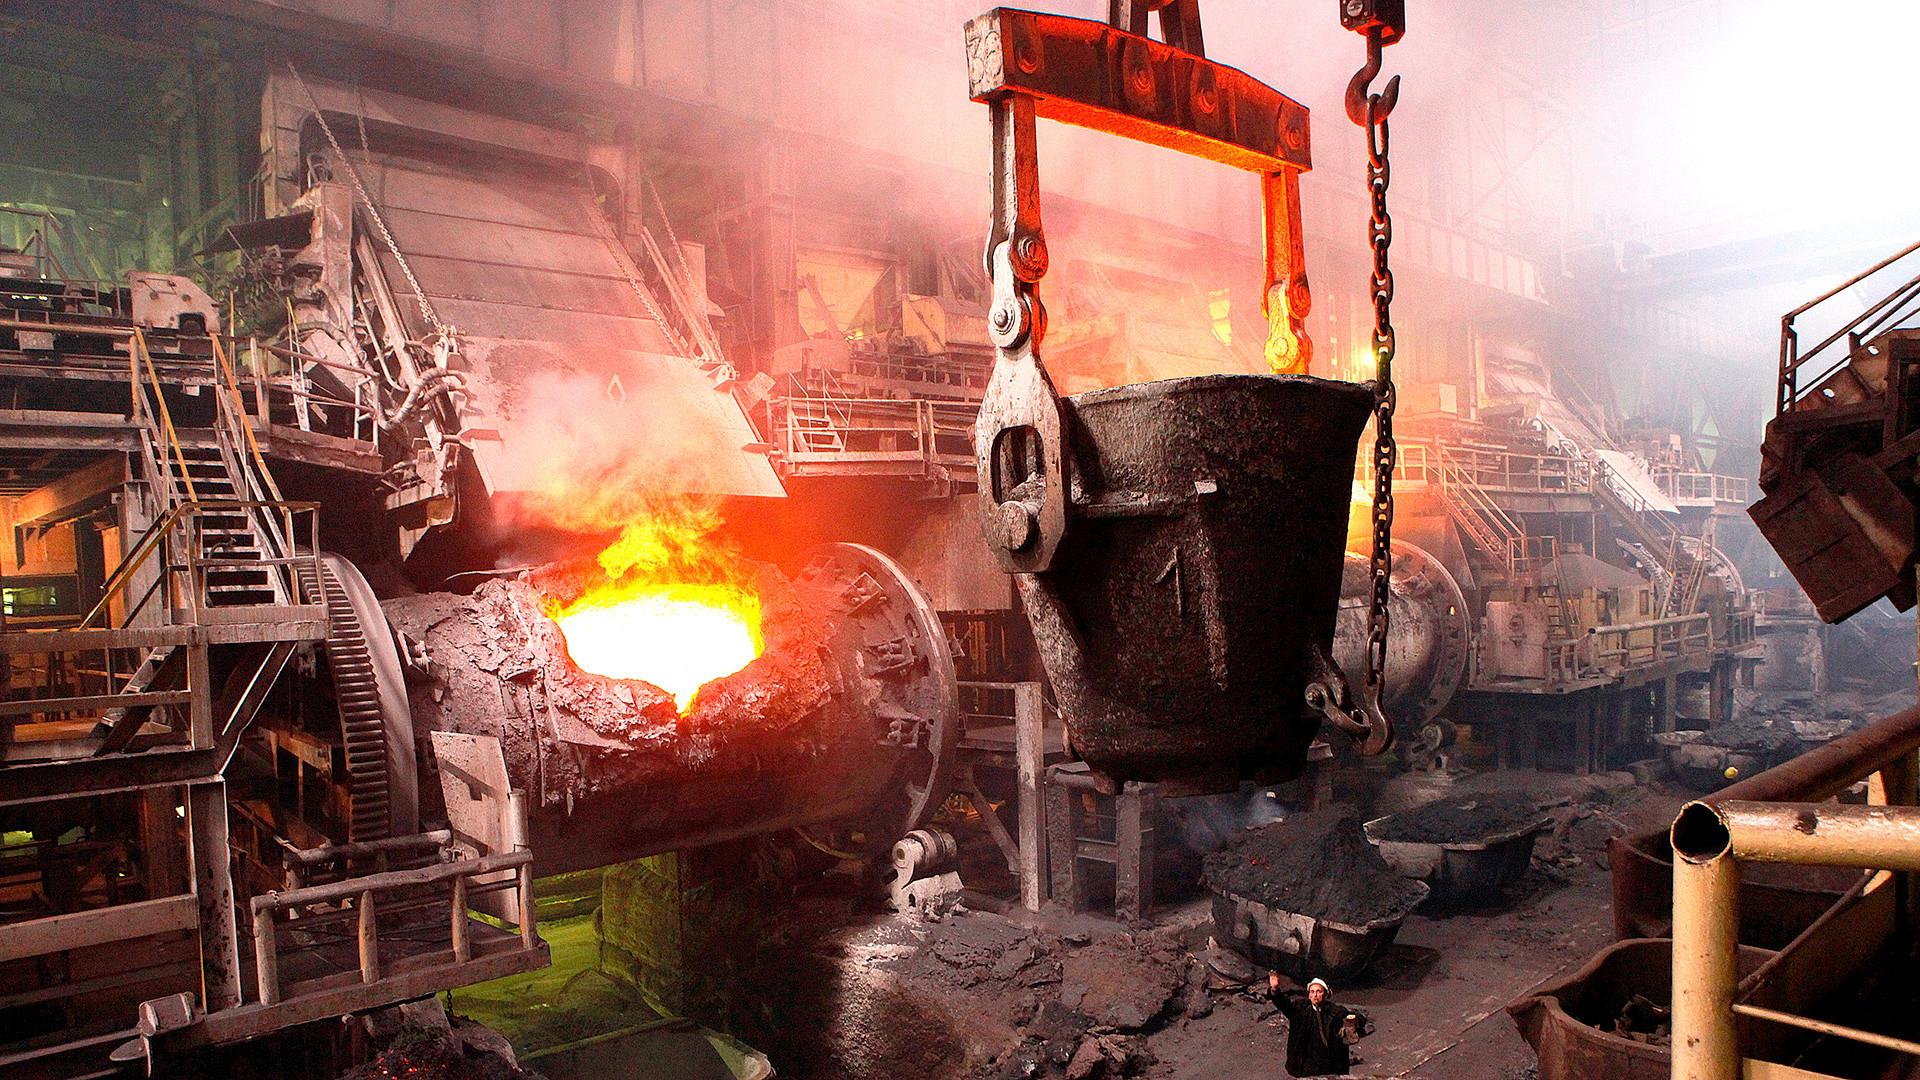 """Нижњи Тагил је био један од """"бронзаних центара"""" Русије. У њему су се производиле огромне количине овог метала."""